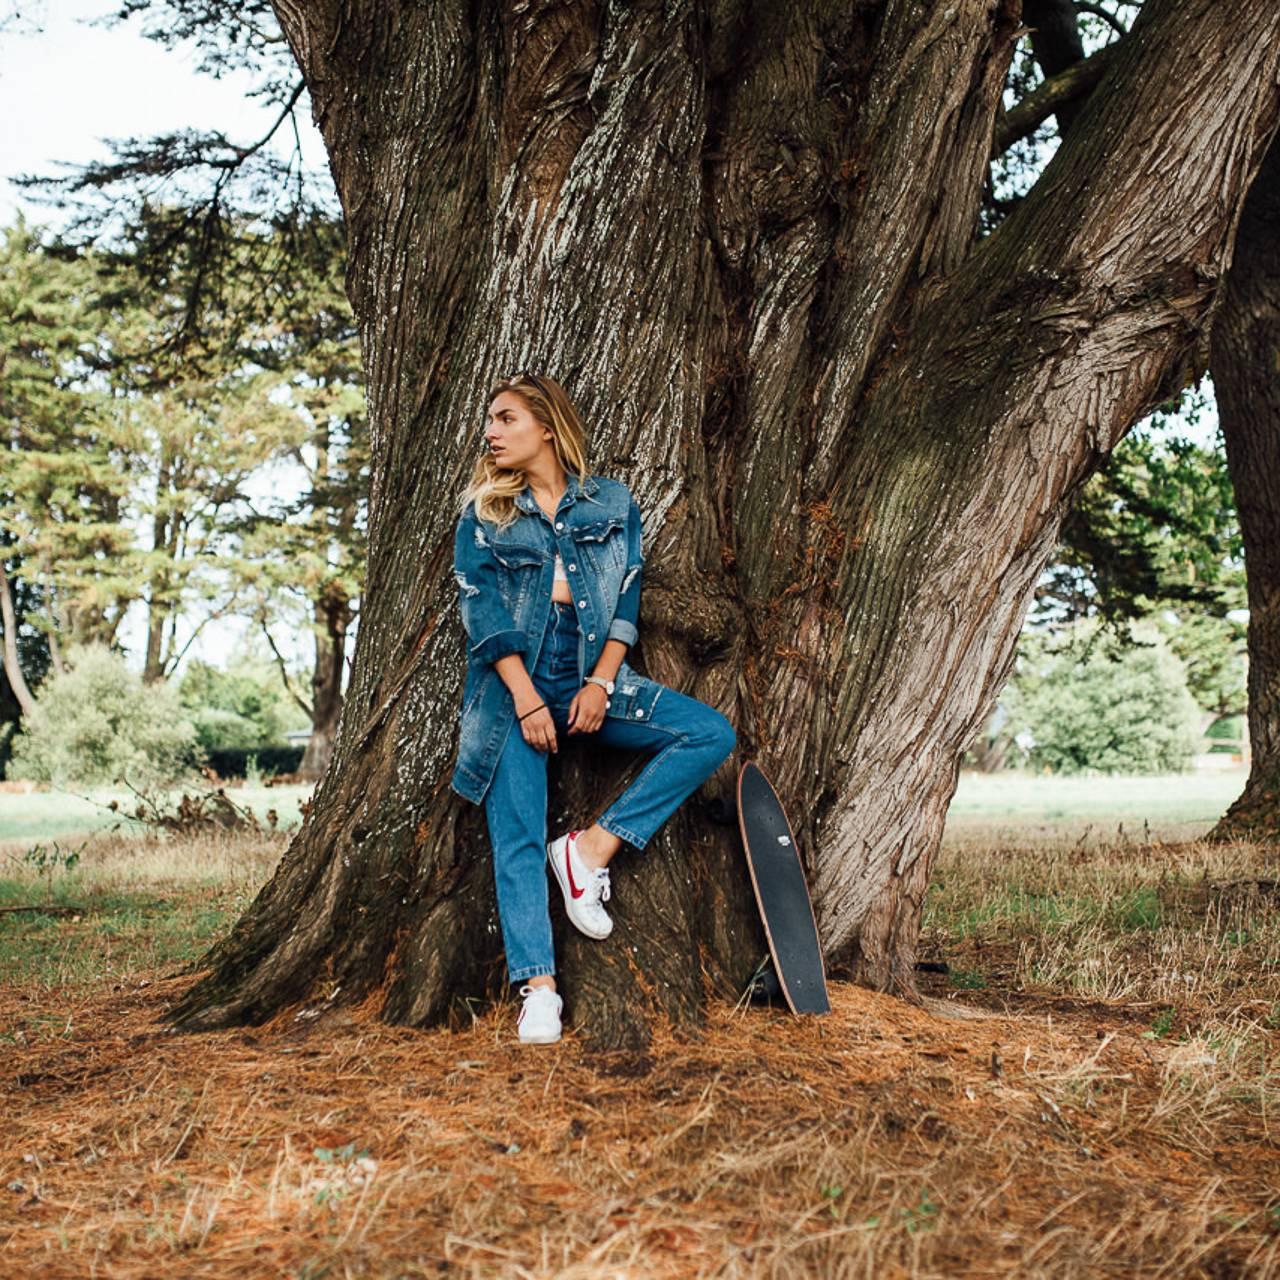 photographie de mode réalisée pour une collection - photographe la baule